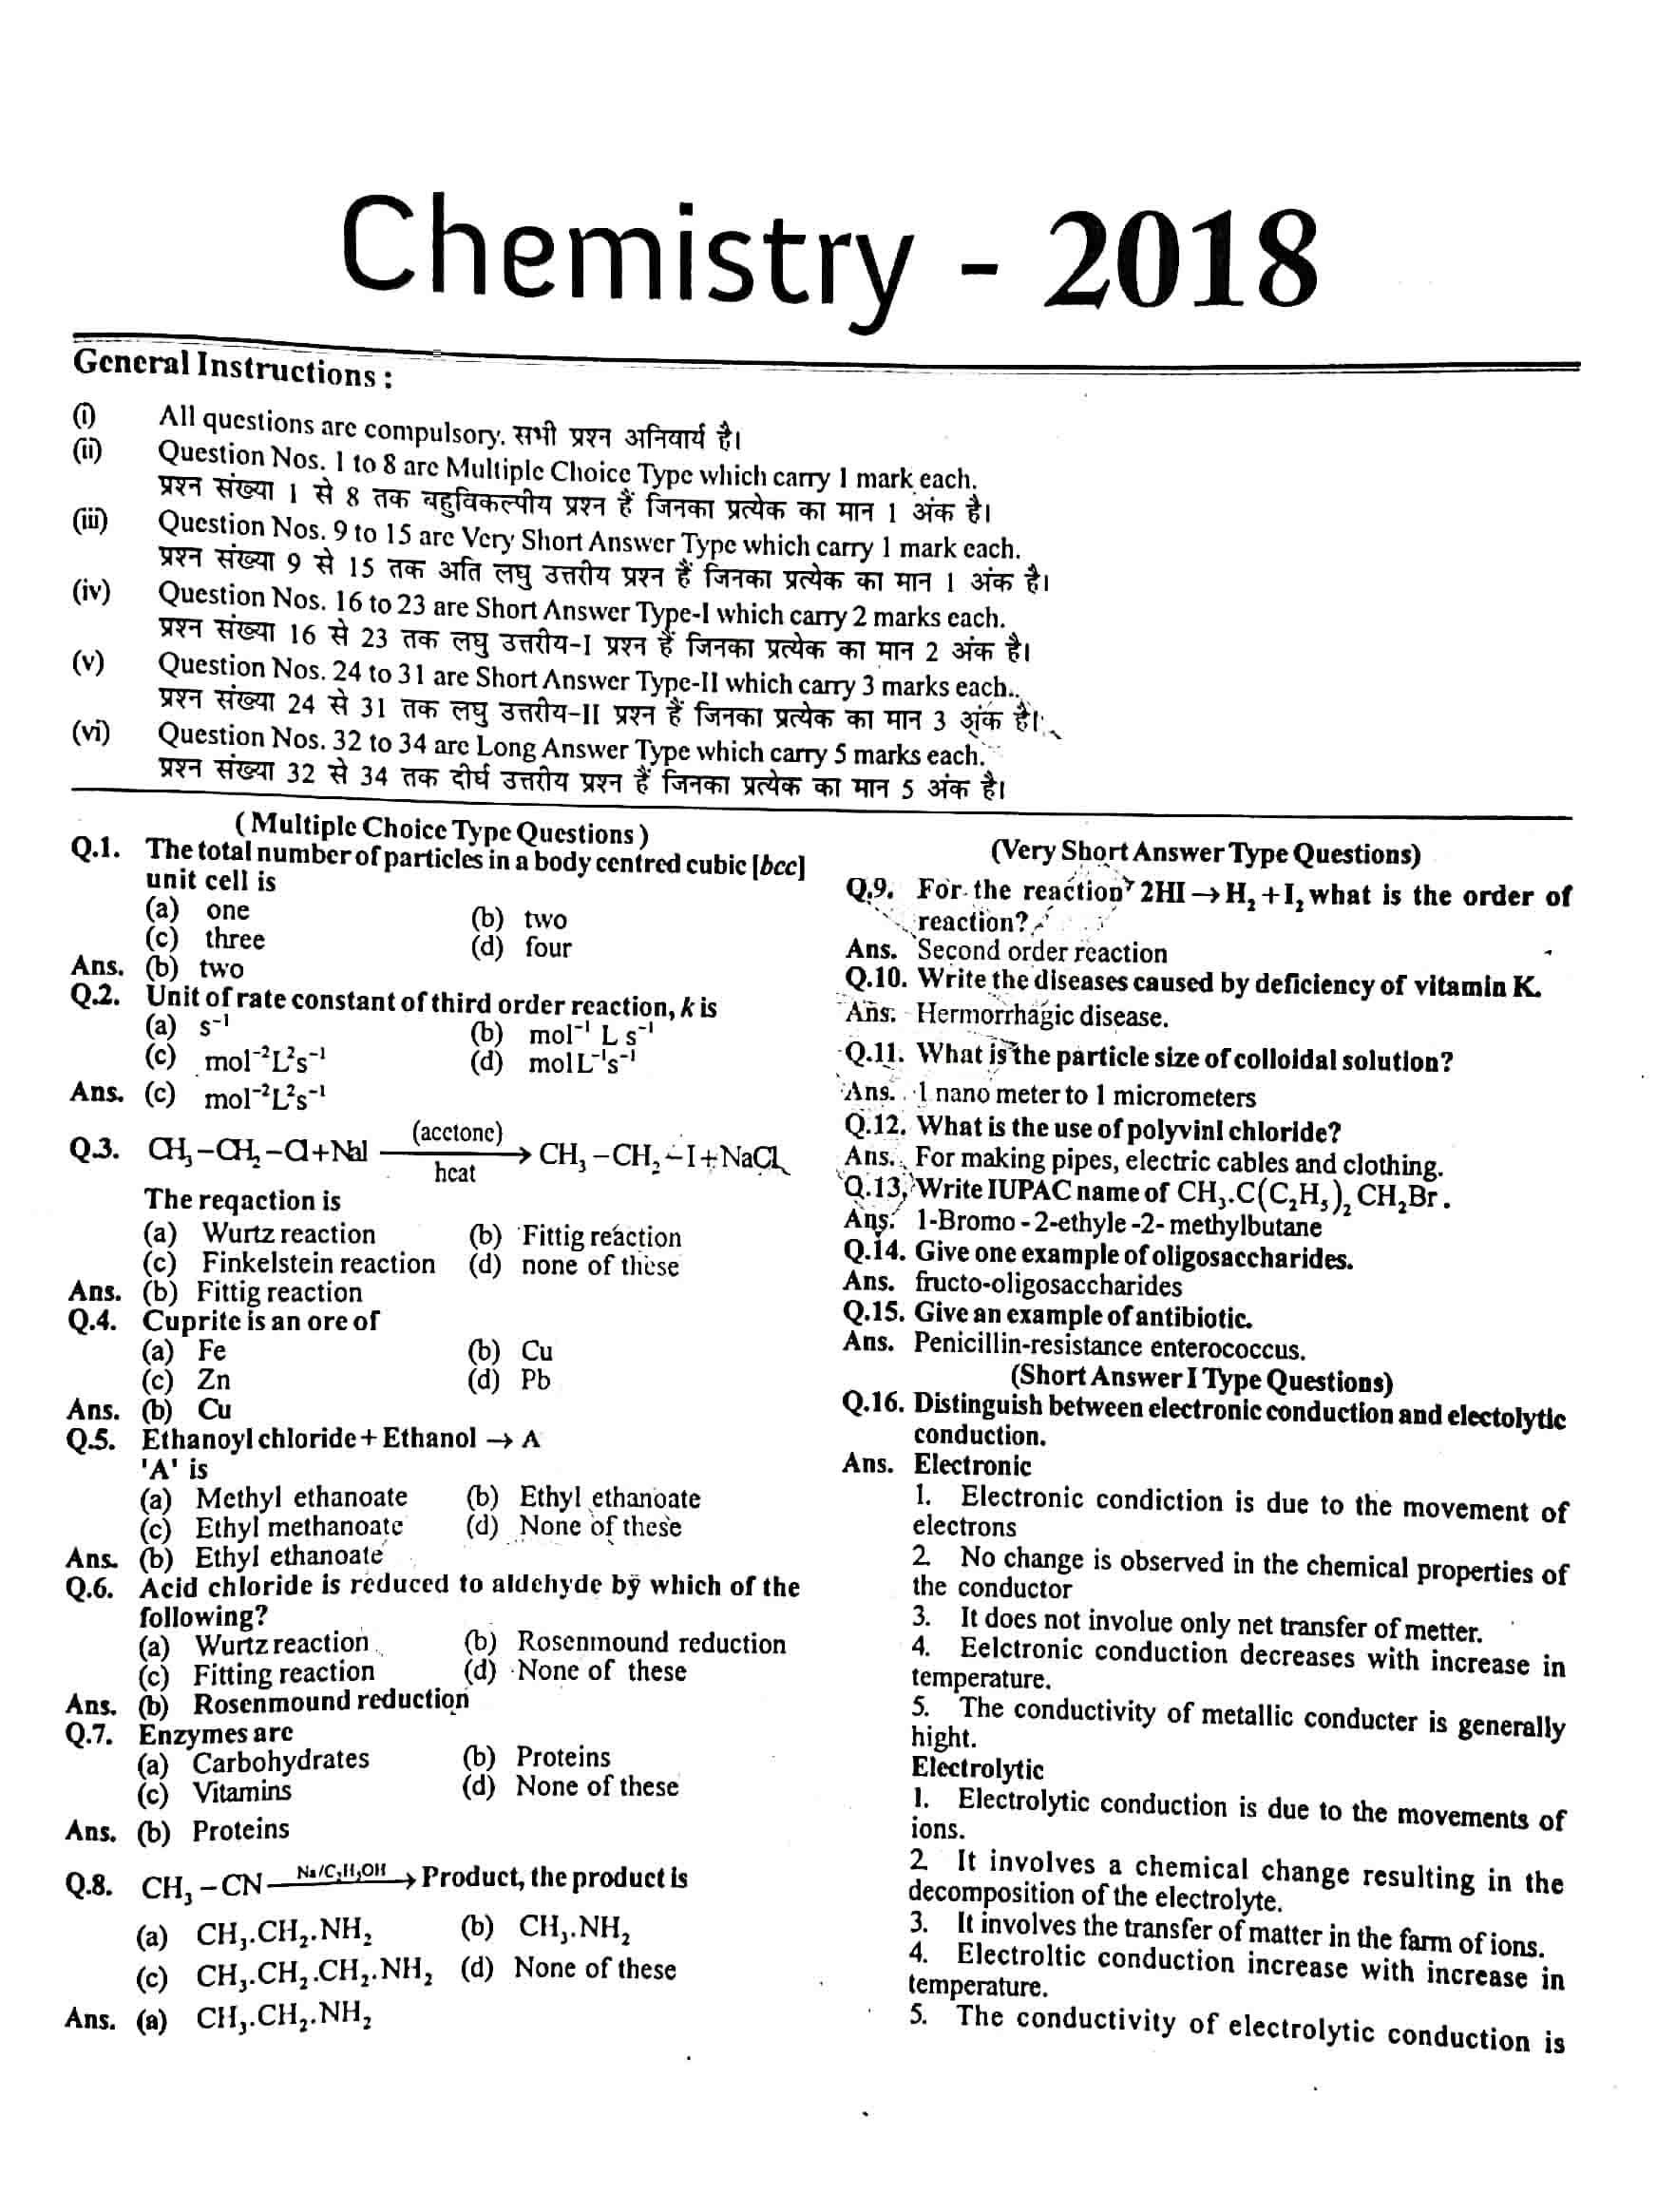 JAC Class 12 chemistry 2018 Question Paper 01